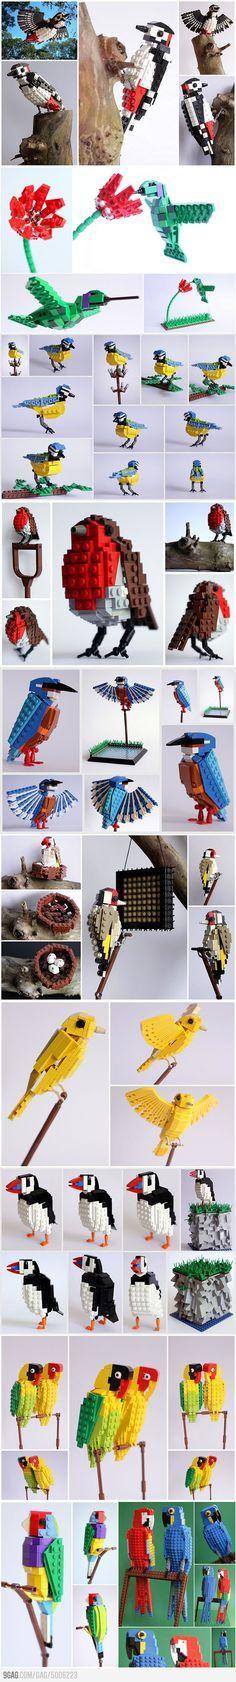 Noch ein paar nette LEGO-Vögel.